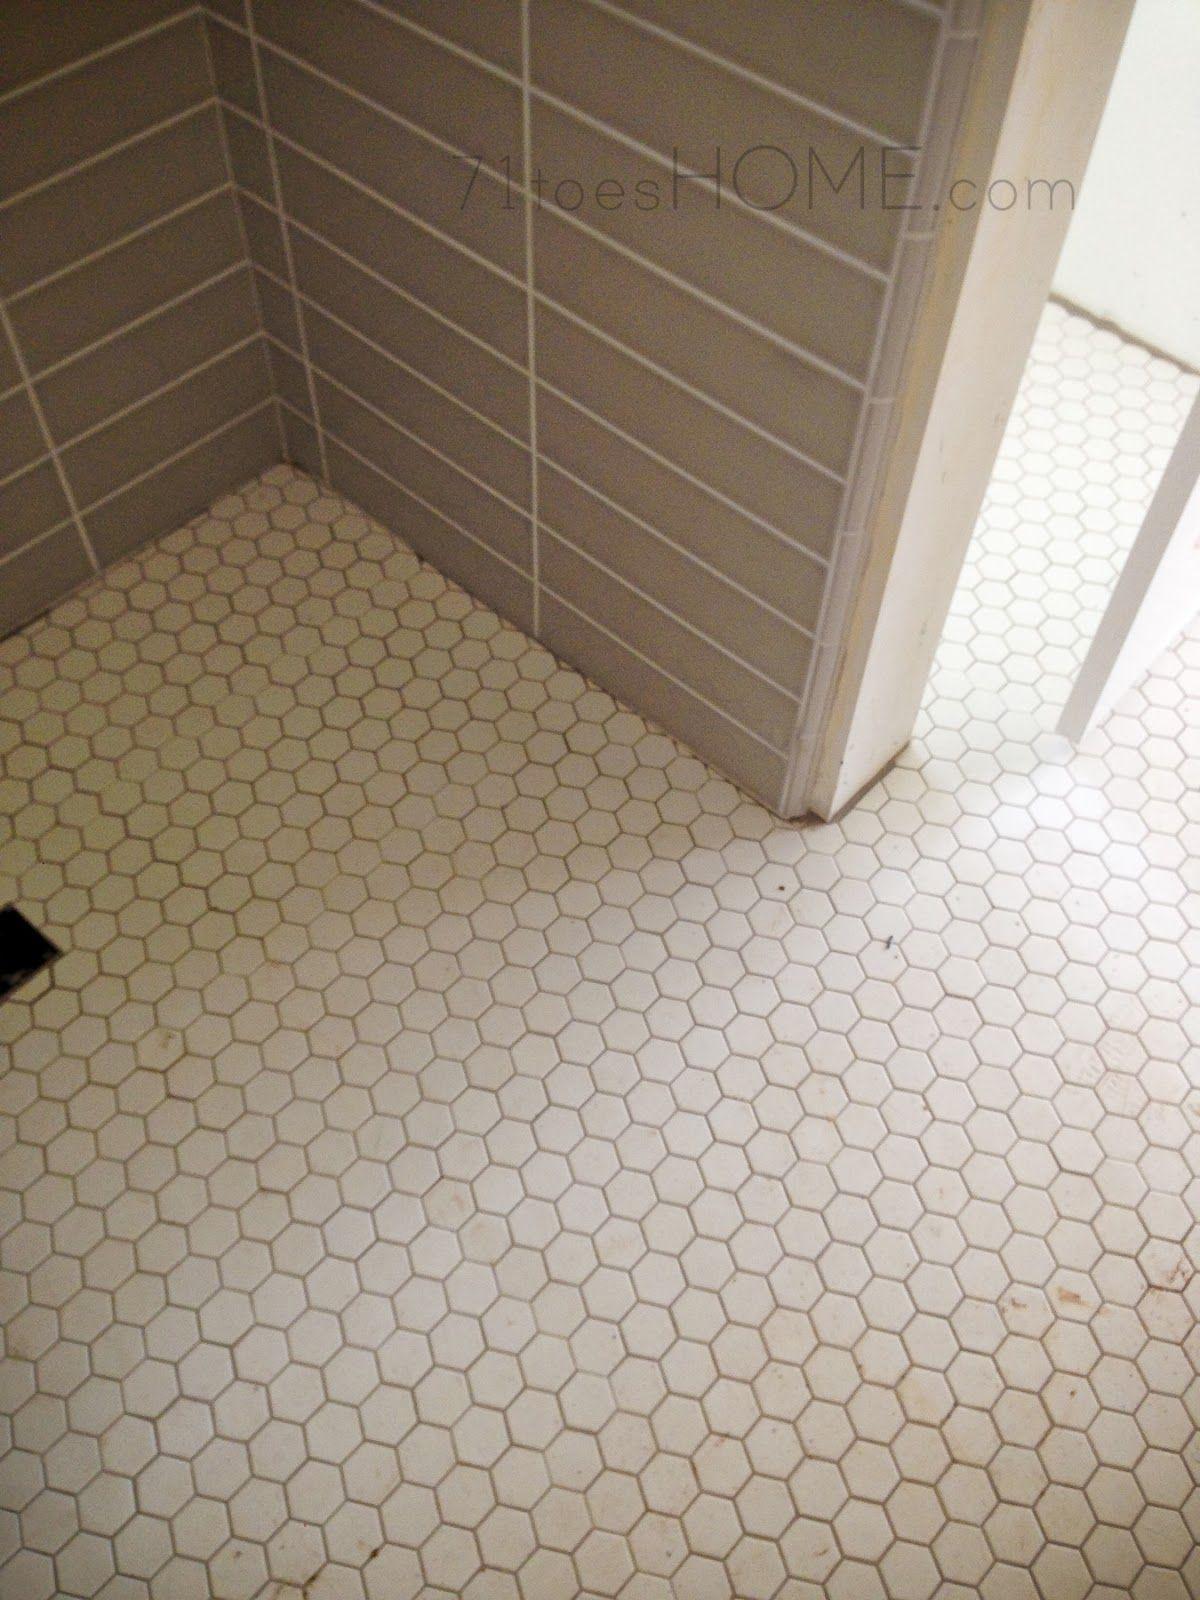 71toes H O M E Hexagon Tile Floor Hex Tile Hexagon Tiles